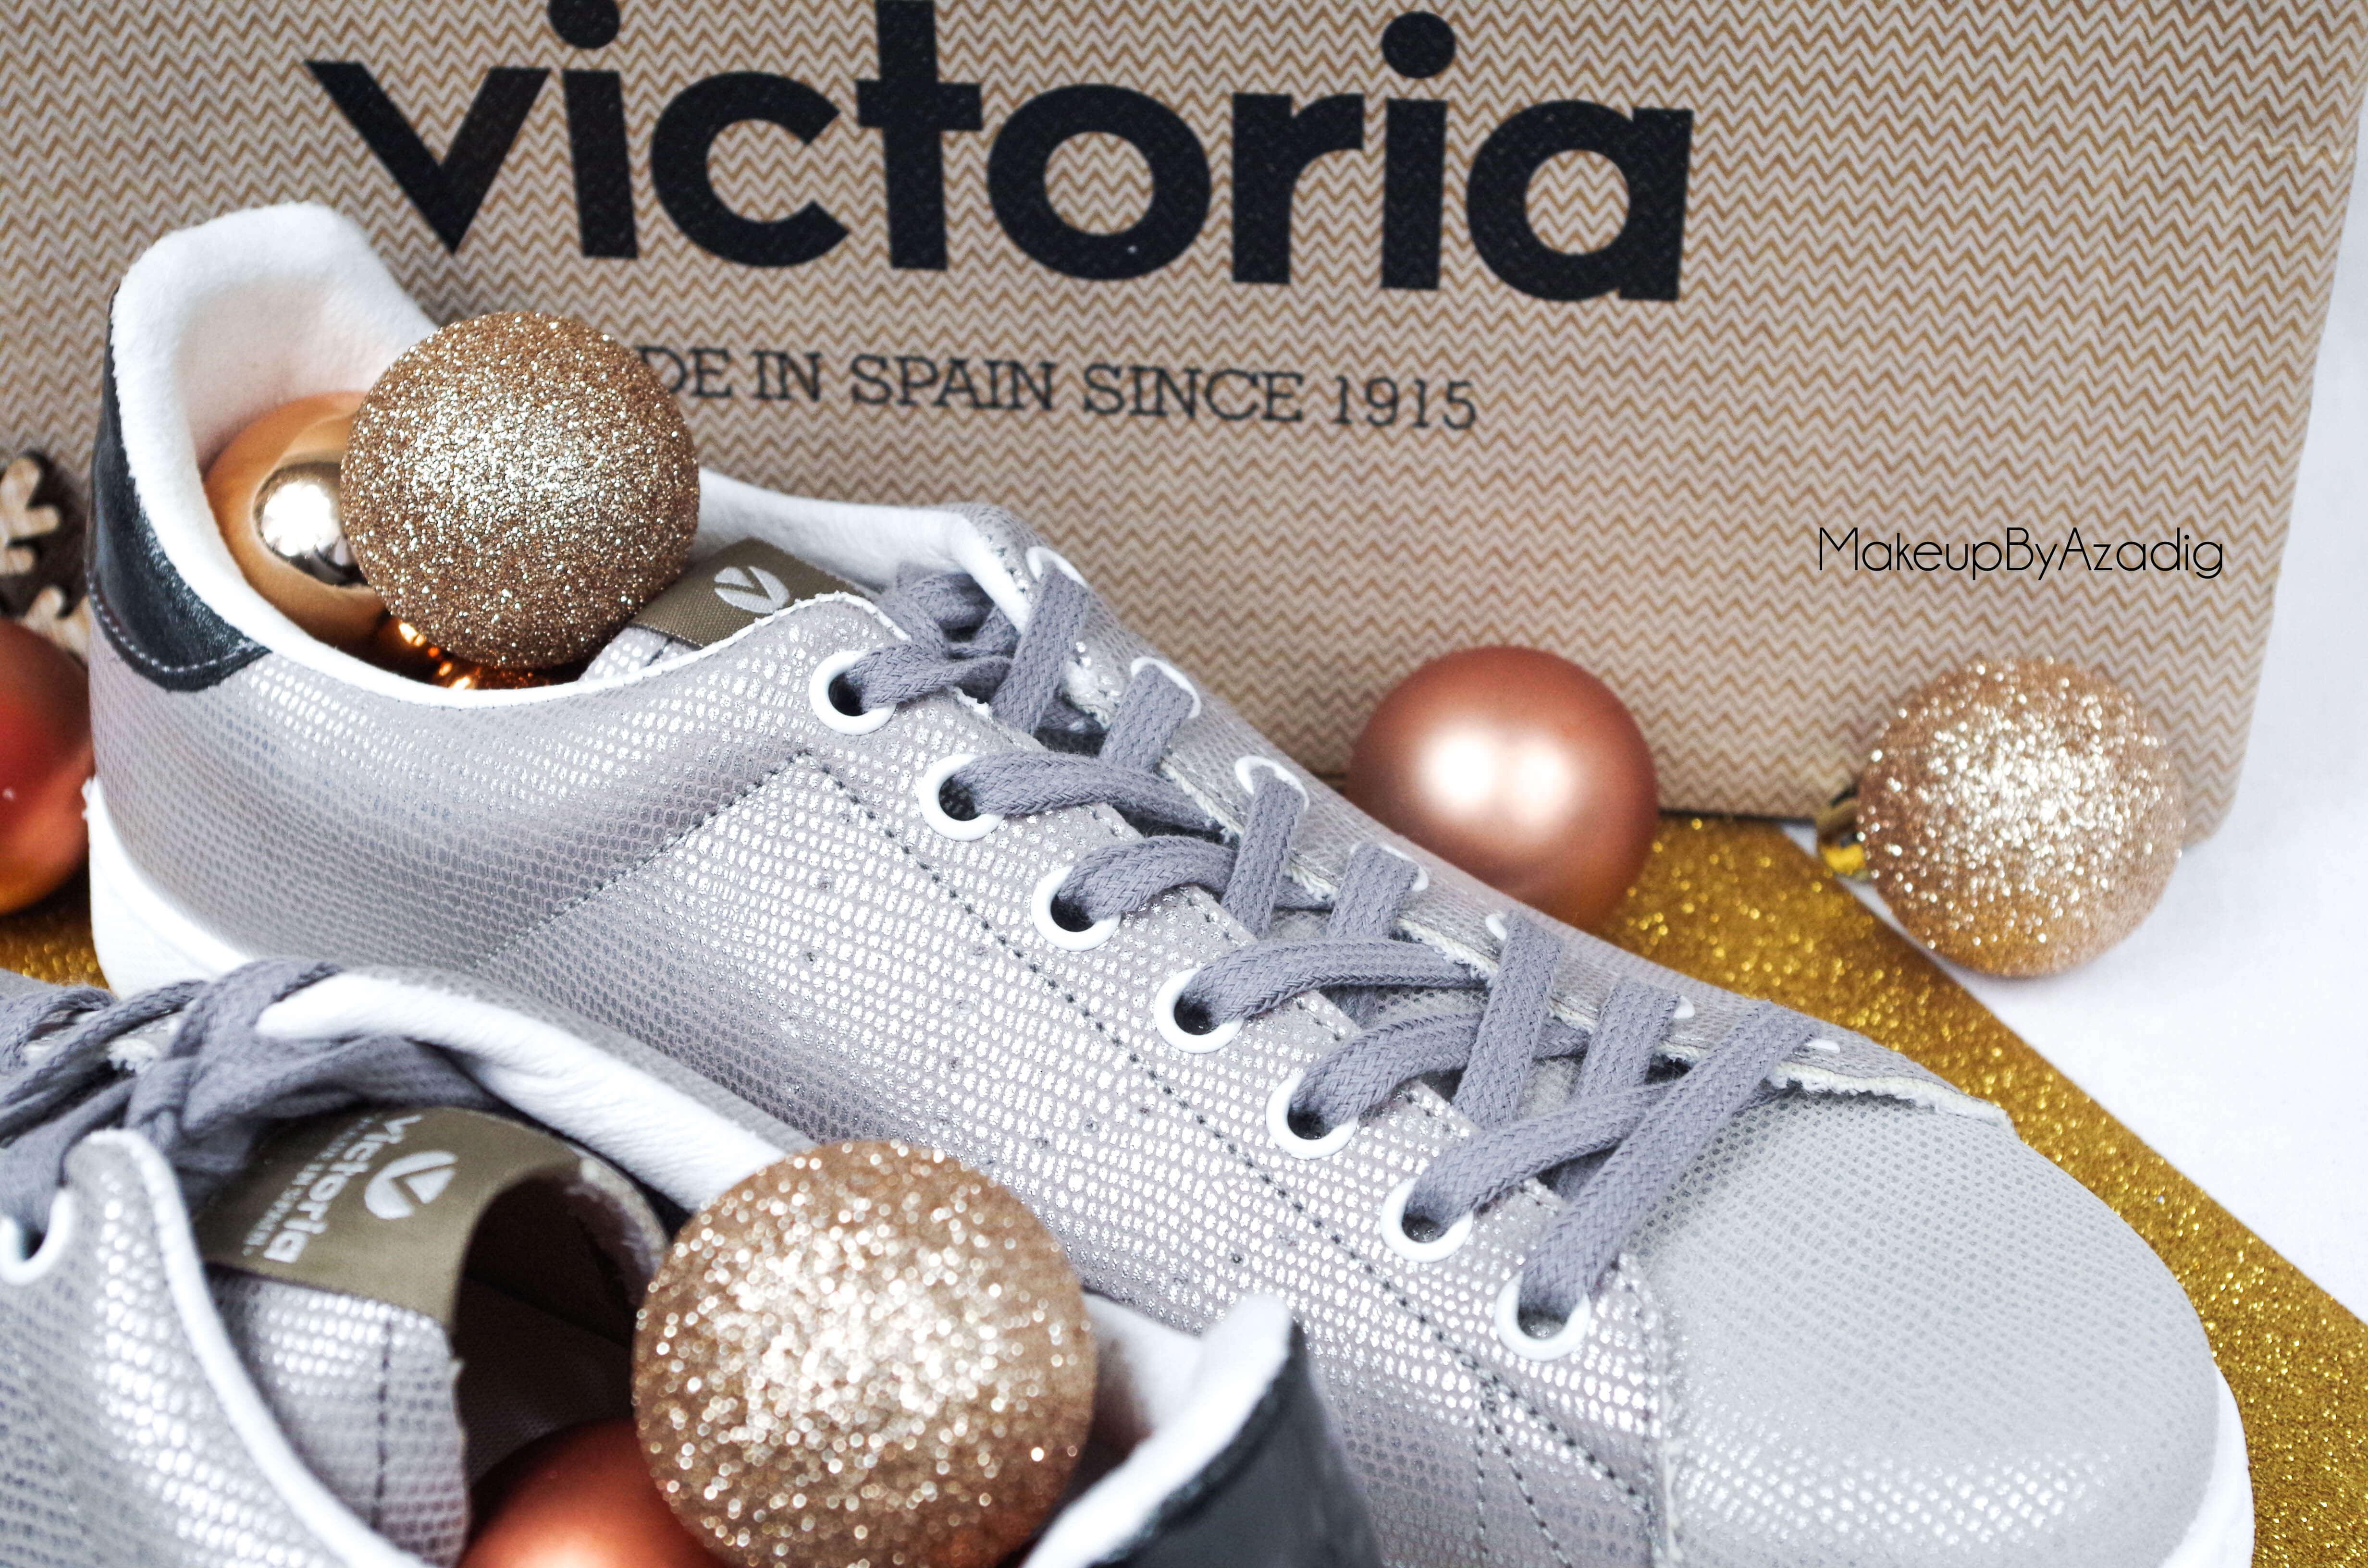 victoria-deportivo-basket-tejido-sneakers-usine-23-makeupbyazadig-troyes-paris-baskets-metallisees-cadeau